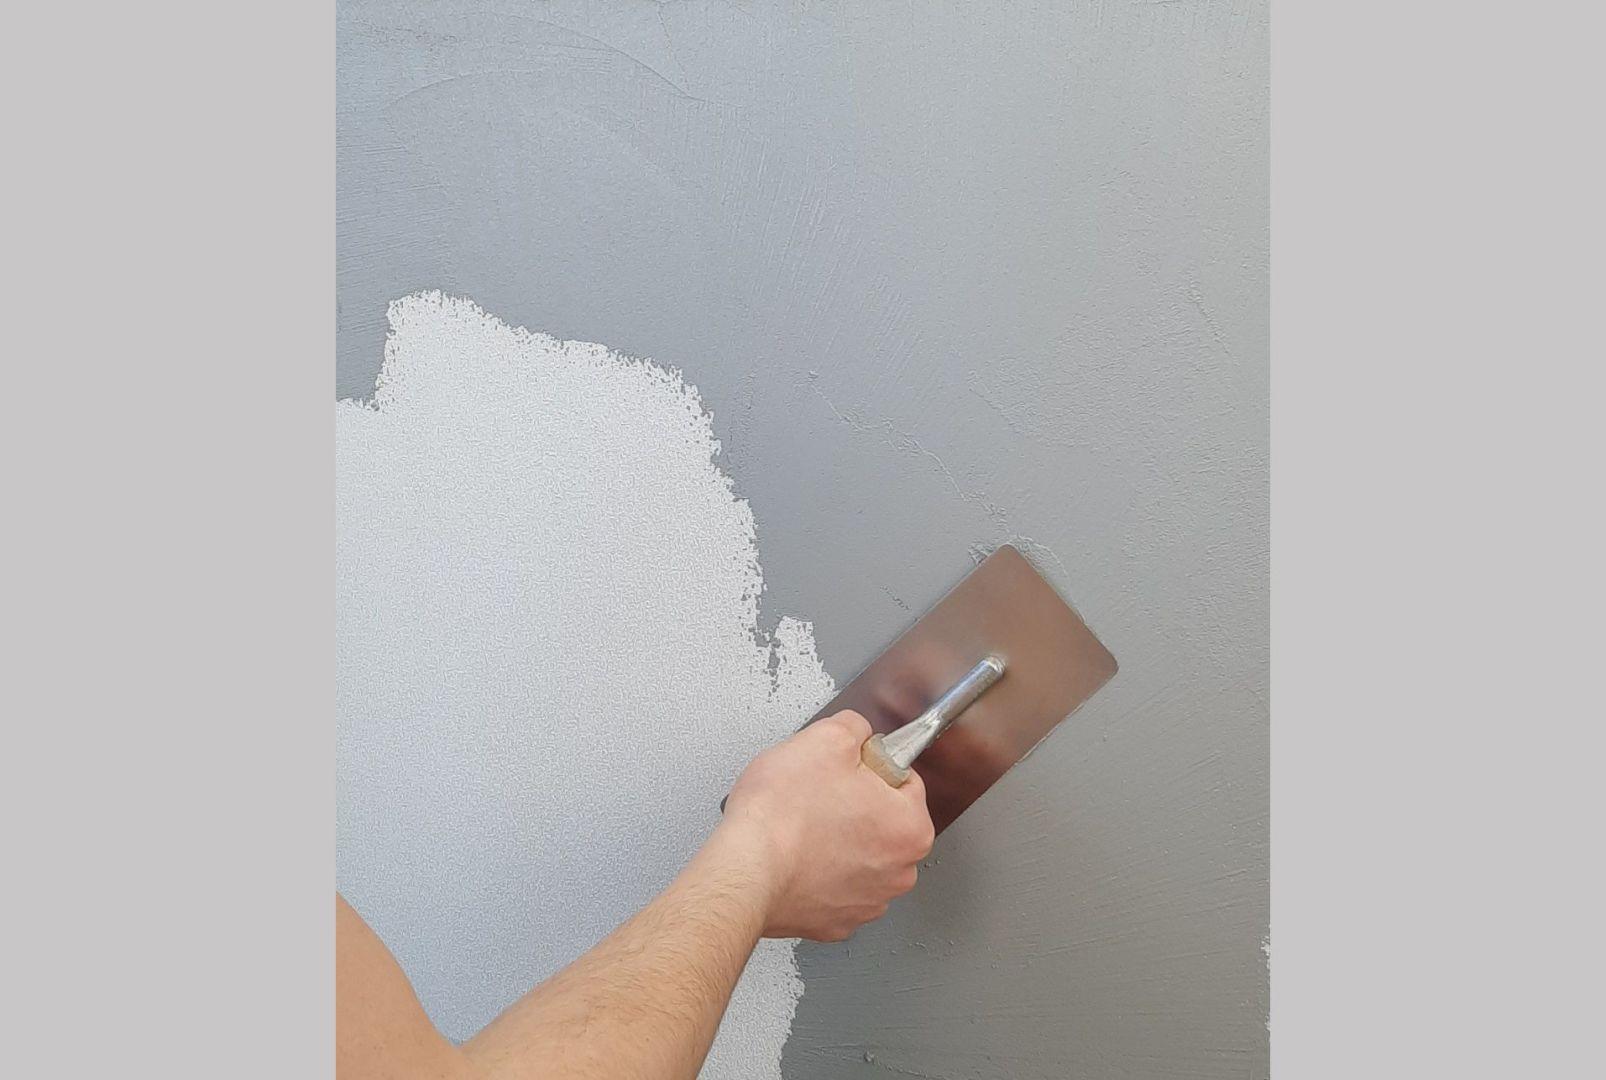 """Jeśli chcemy uzyskać efekt betonu na wykończeniu fasady, niezbędne jest wcześniejsze zabarwienie tynku modelowanego na wybrany kolor (do wyboru mamy np. jasny bądź ciemny szary oraz antracyt) i wykonanie na powierzchni charakterystycznych """"wżerów"""" za pomocą pacy. Fot. Foveo Tech"""